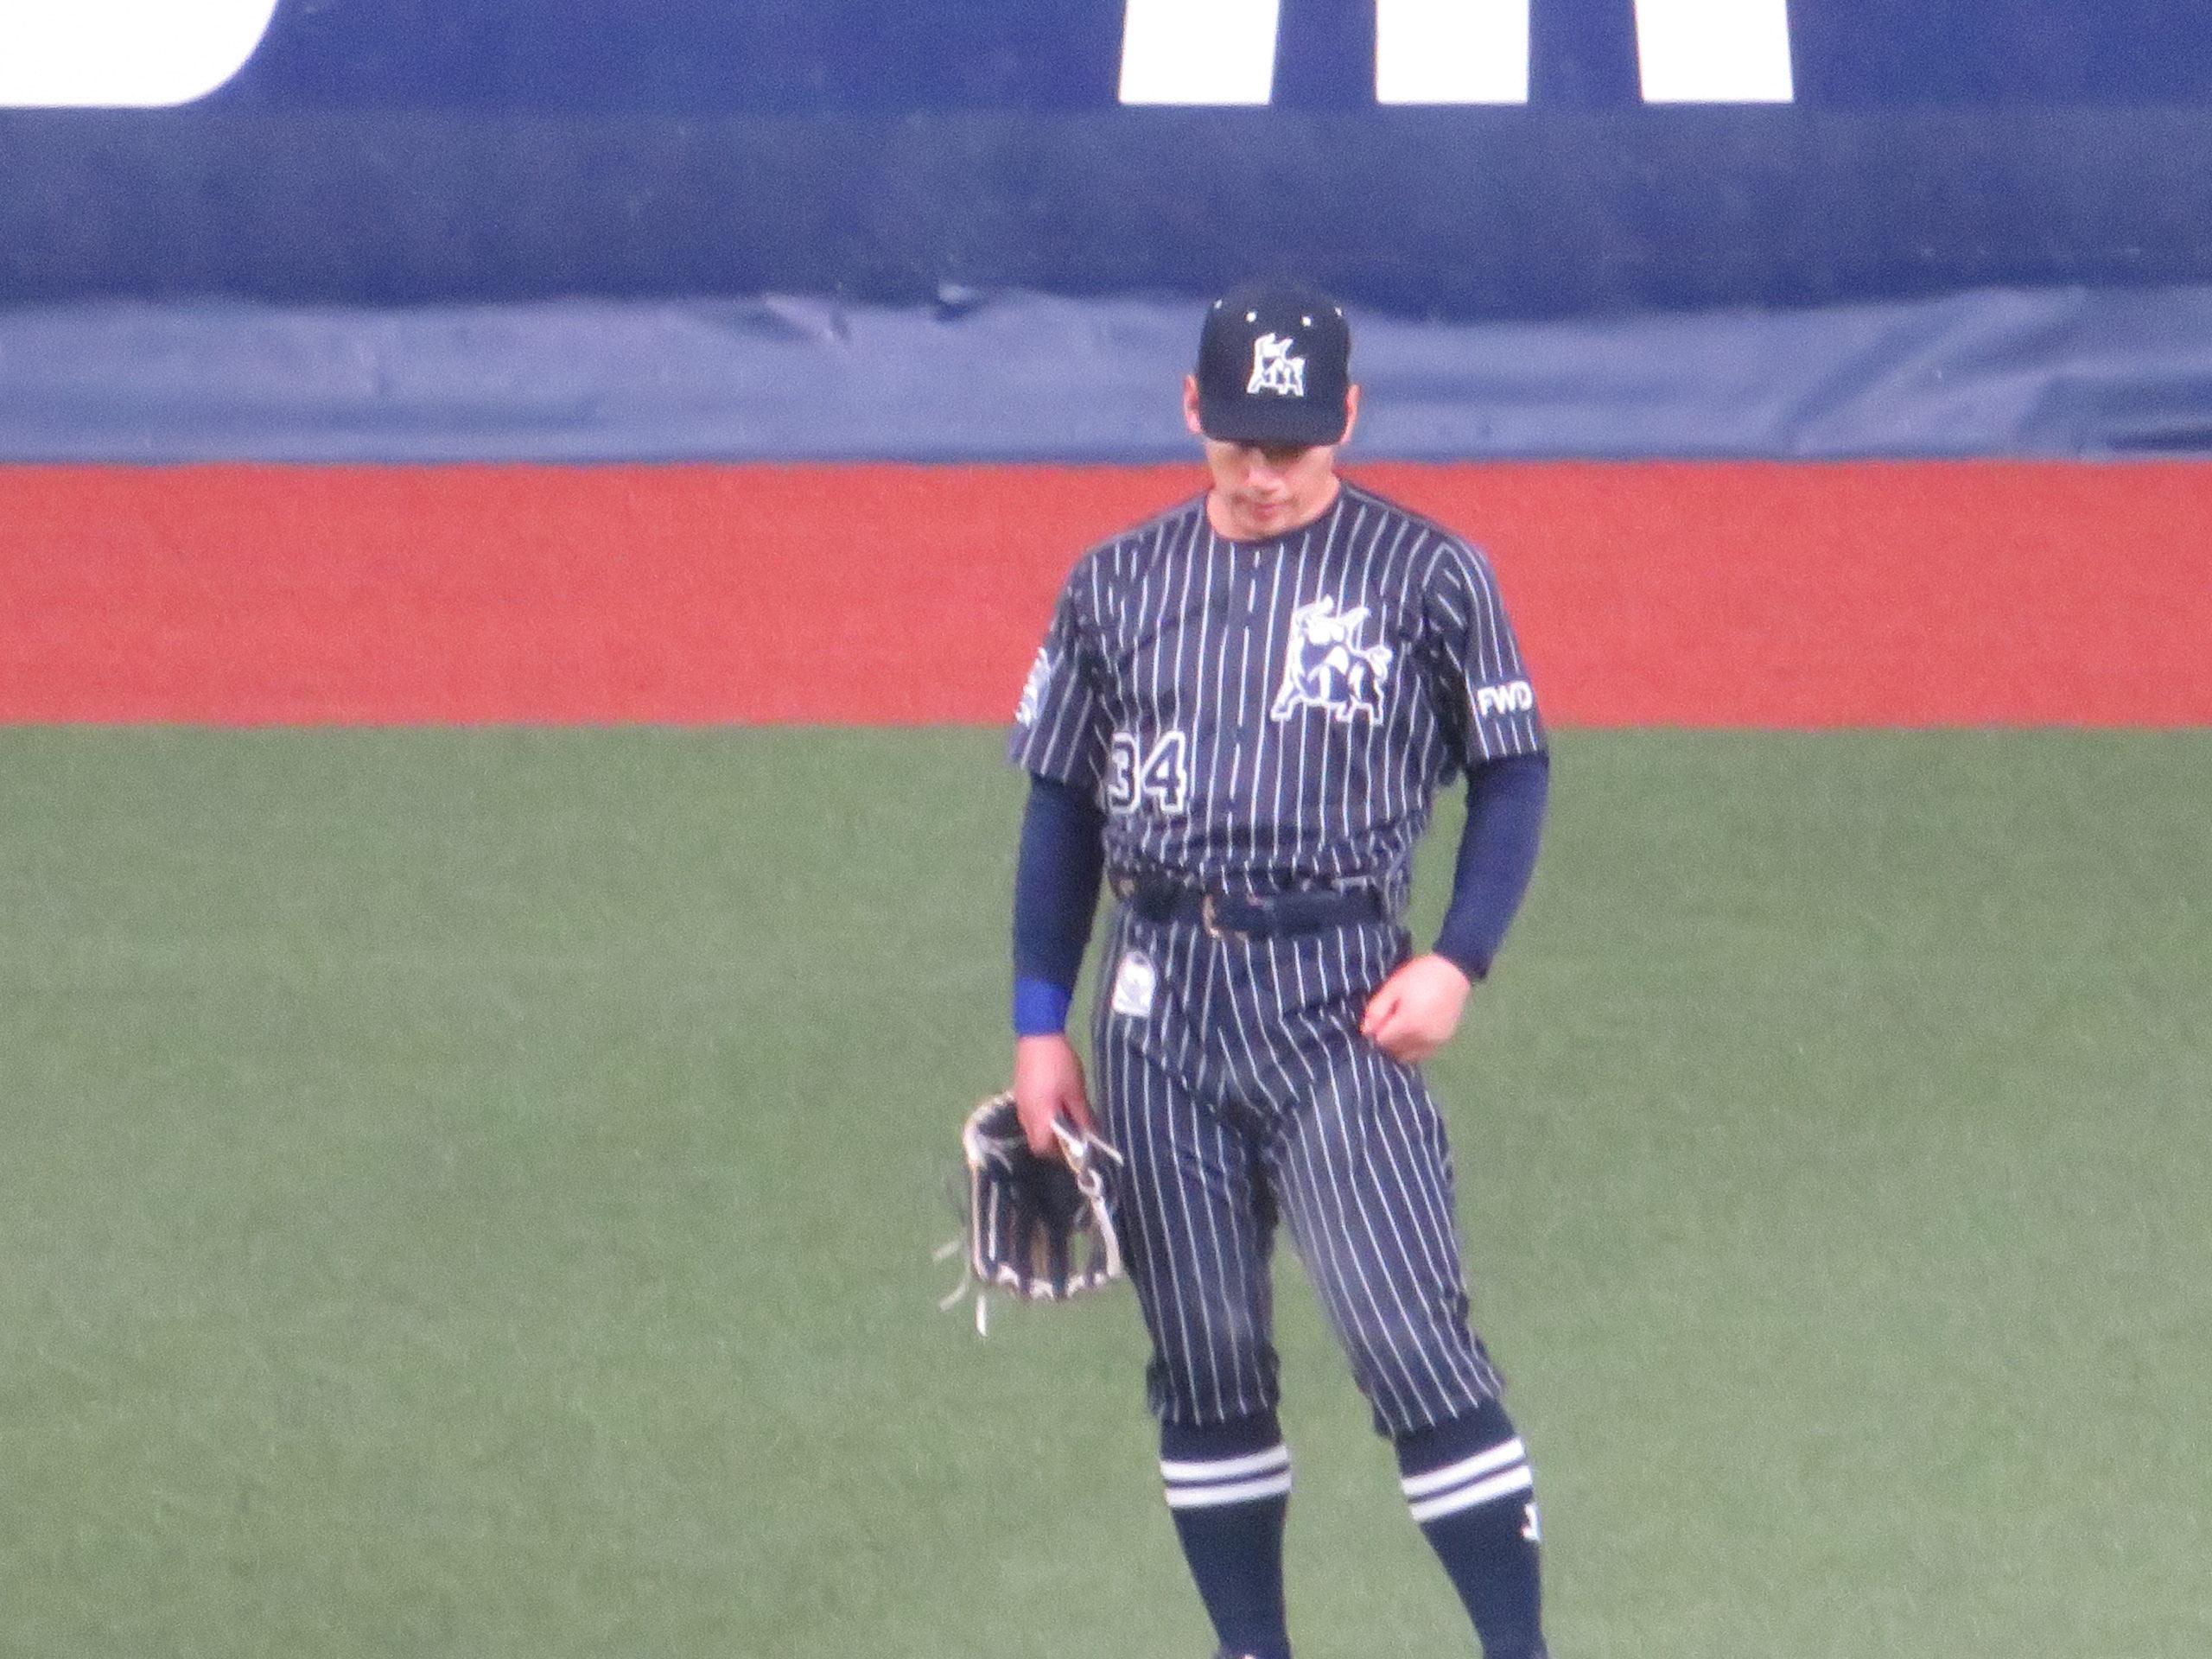 オリックス・バファローズ対北海道日本ハムファイターズ2021-04-11